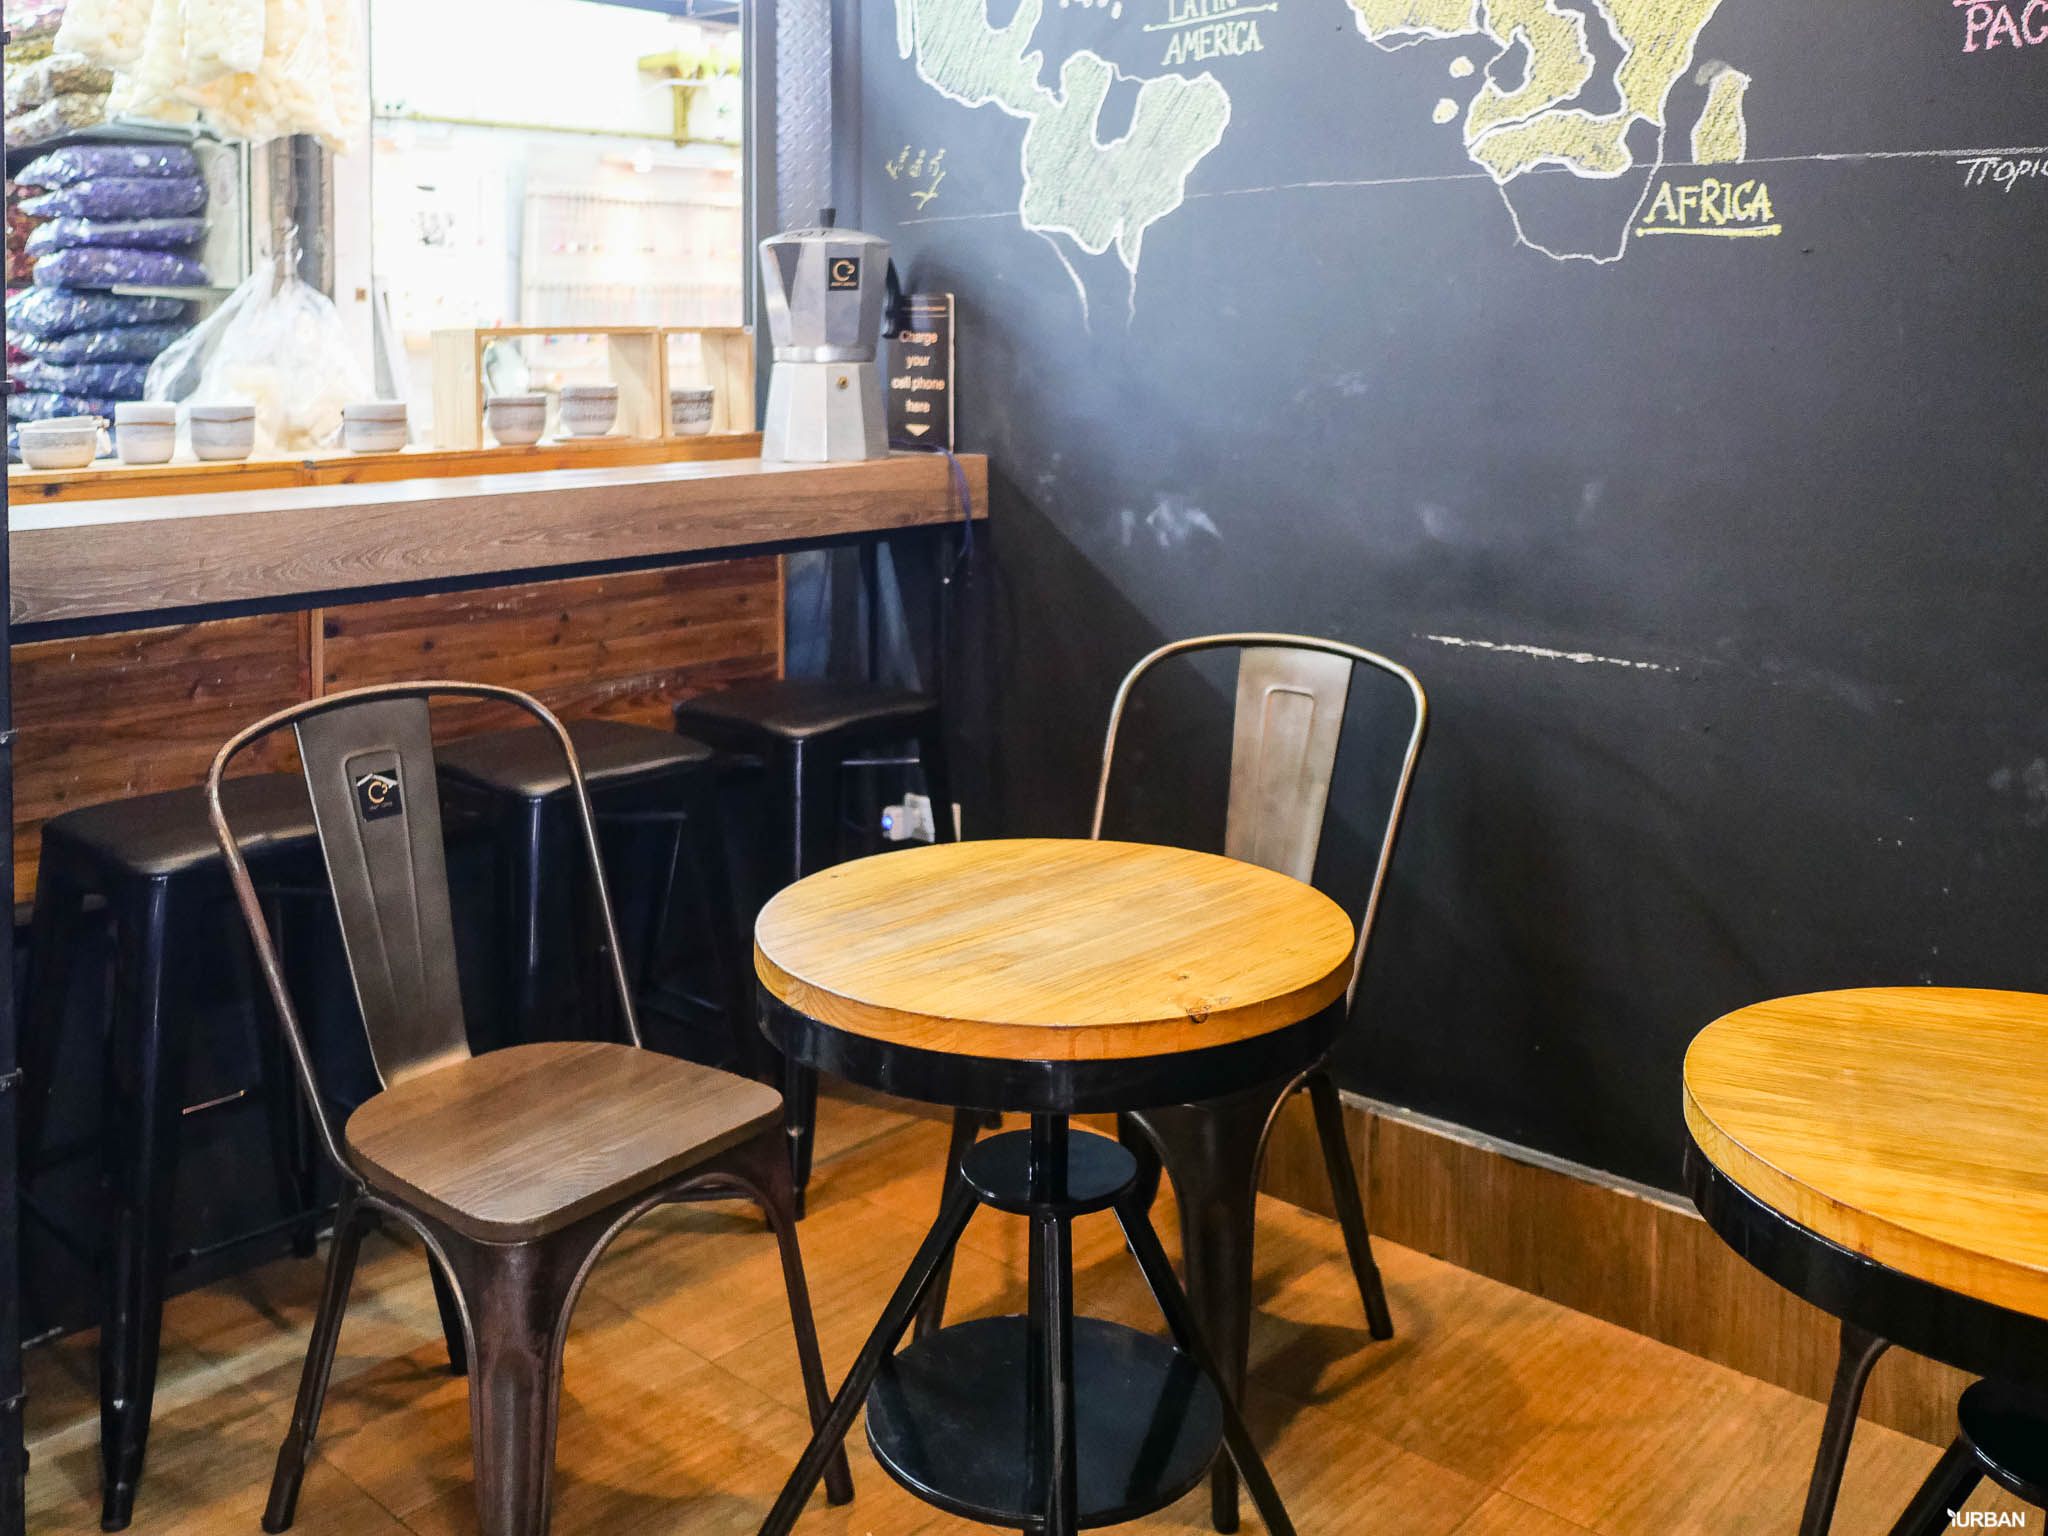 8 คาเฟ่ จตุจักร และร้านกาแฟที่ Unique ดีมีสไตล์น่าสนใจ เหมาะกับไลฟ์สไตล์วันชิลๆ 49 - Premium